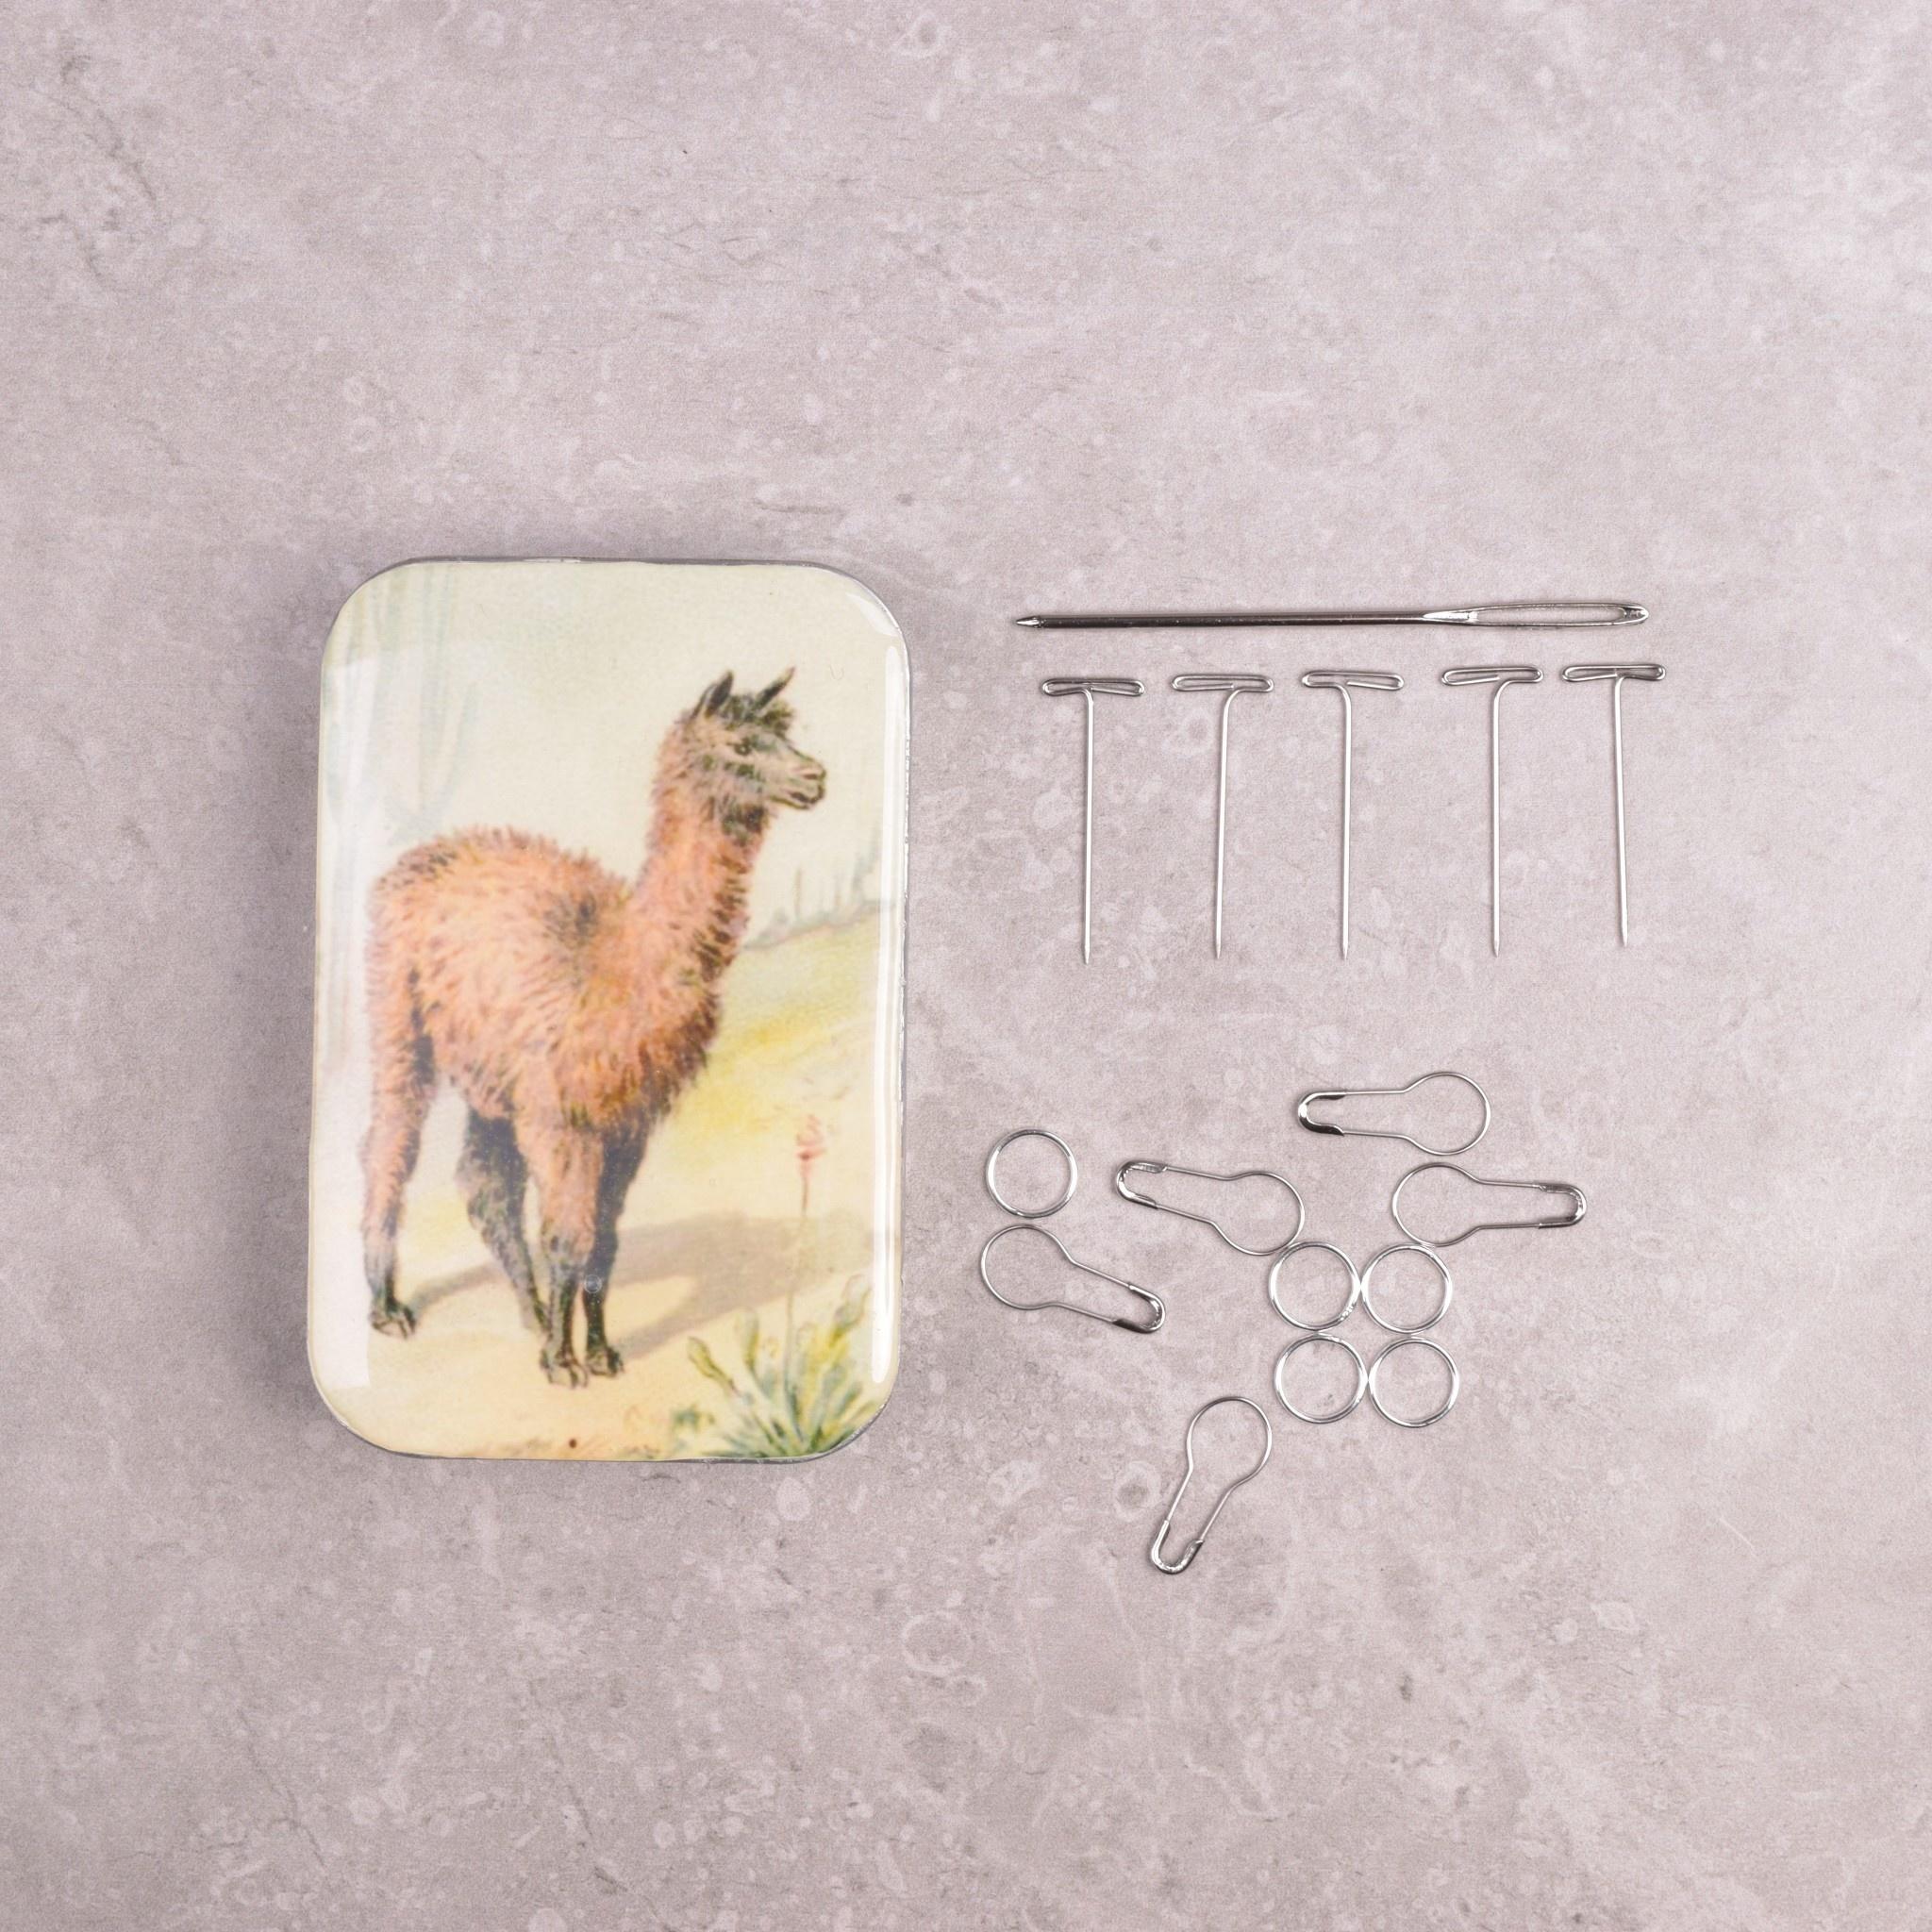 Image of Firefly Notes Notion Tin Set, Llama